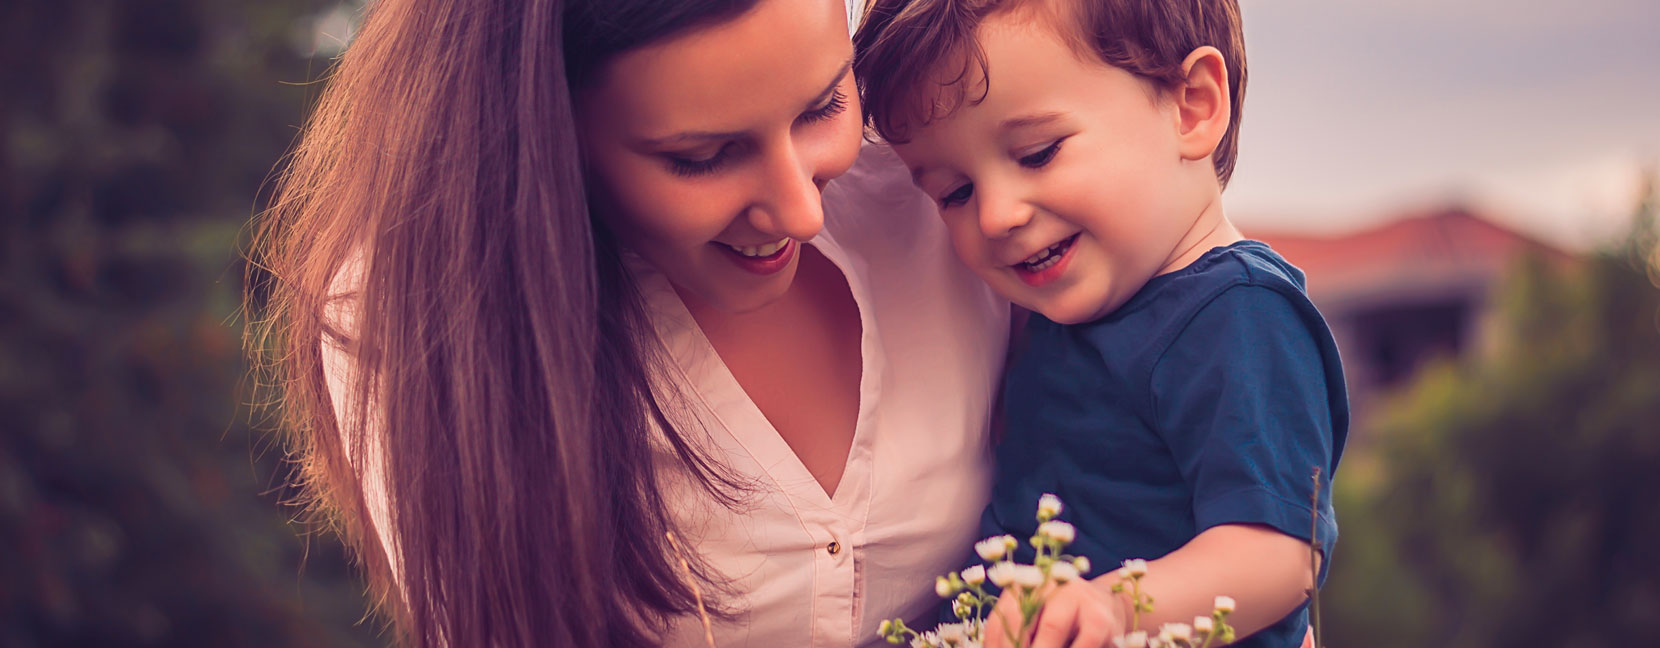 Mamma con il suo bambino raccolgono dei fiori